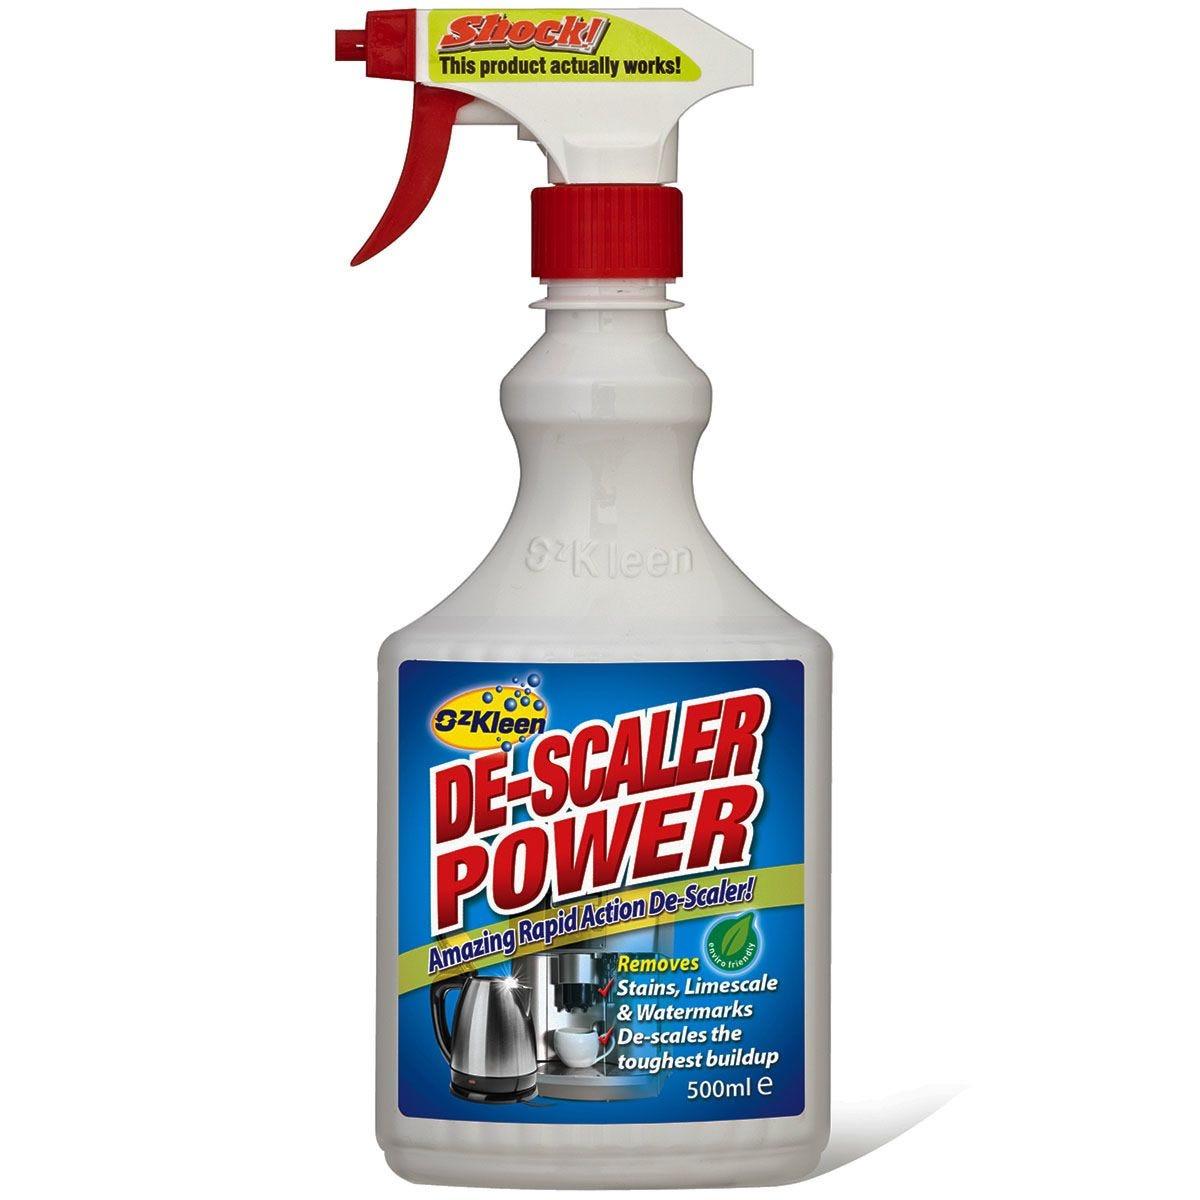 OzKleen De-Scaler Power Spray - 500ml